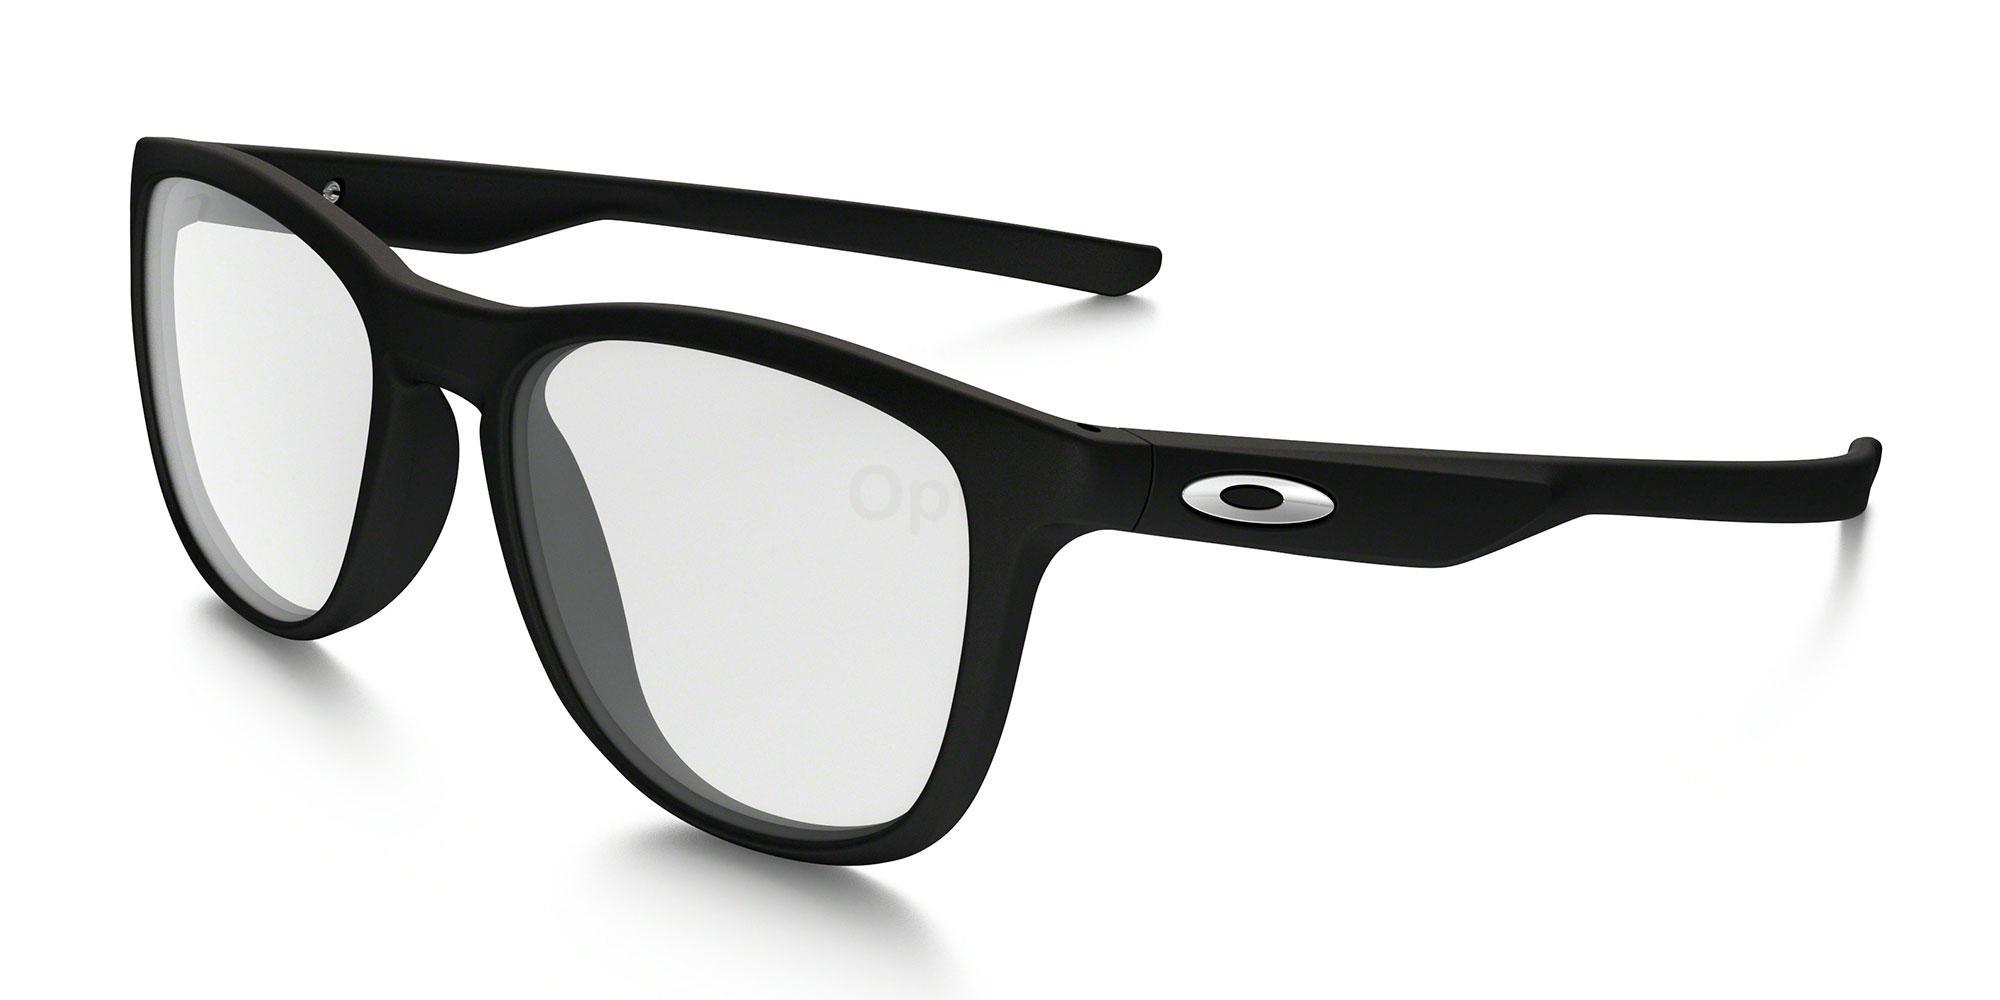 Купить Oakley OX8130 RX TRILLBE X в Москве недорого, низкие цены на ... 862810e1b7